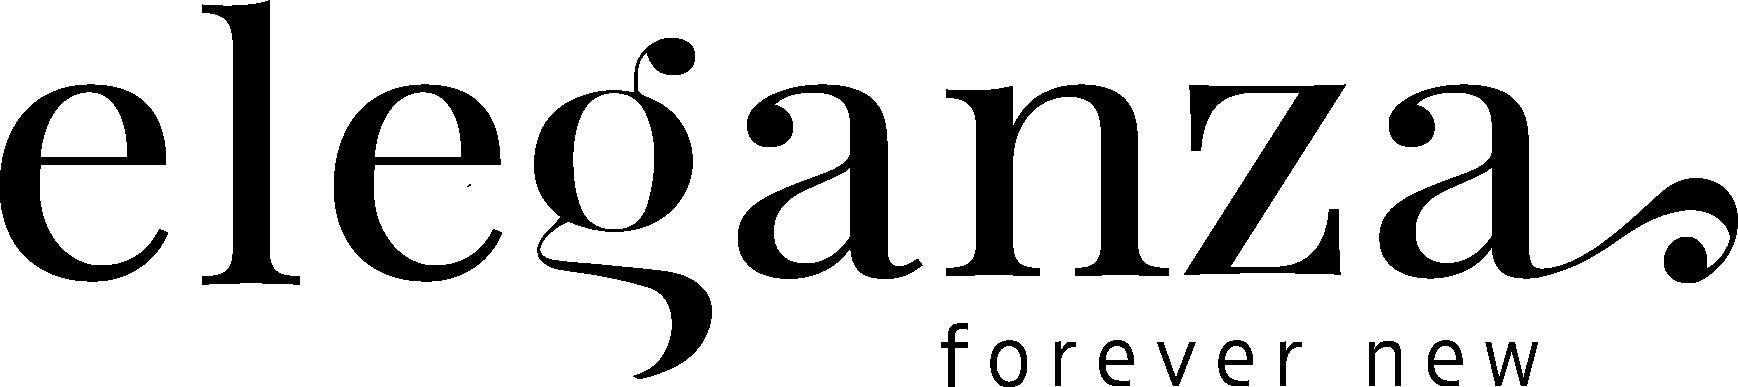 הלוגו הסופי עם סלוגן